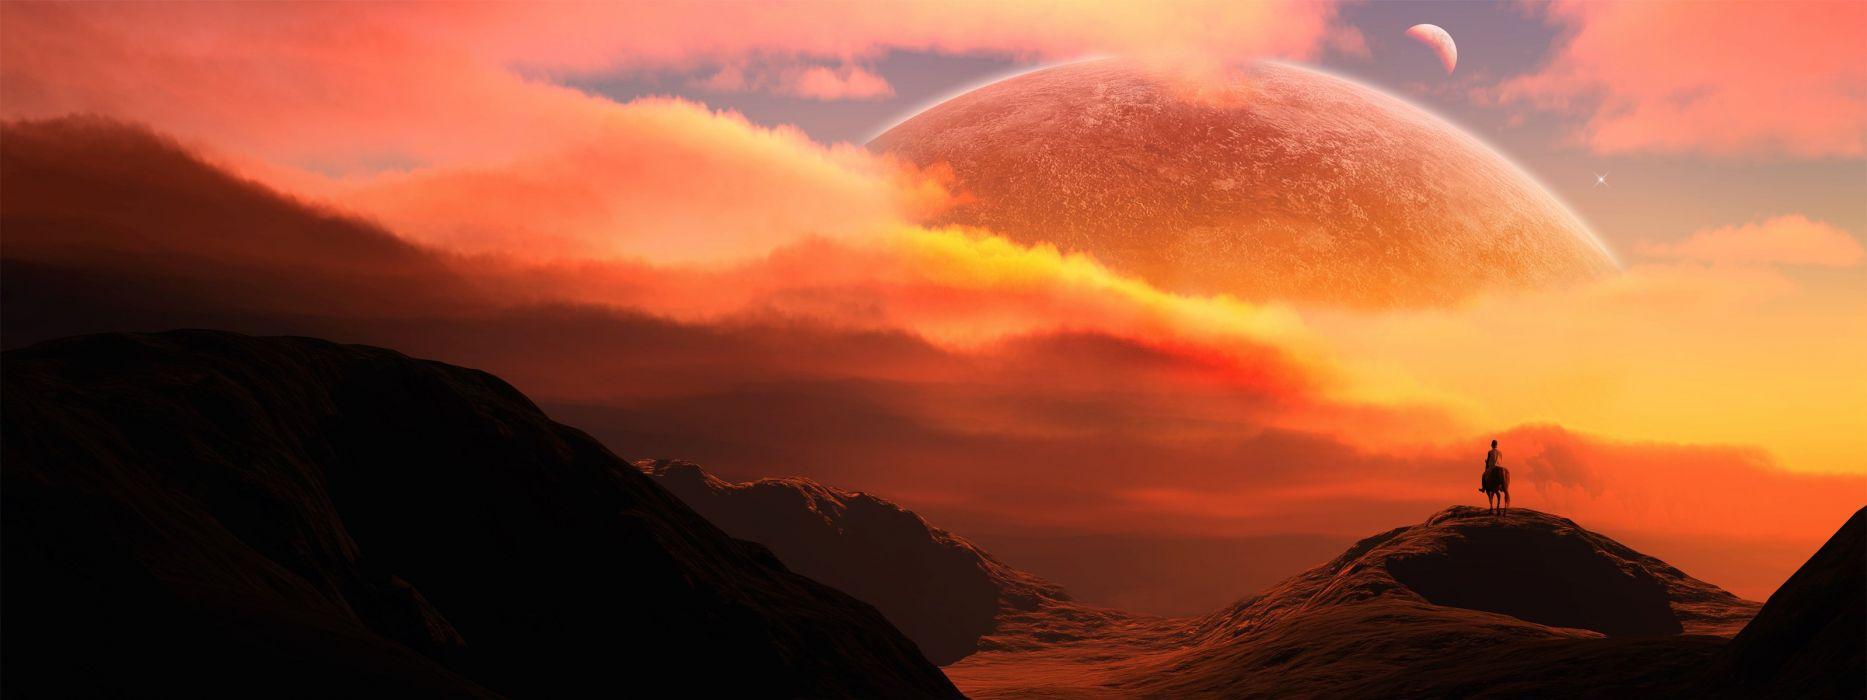 fantasy clouds landscapes rider planets Moon hills horses wallpaper